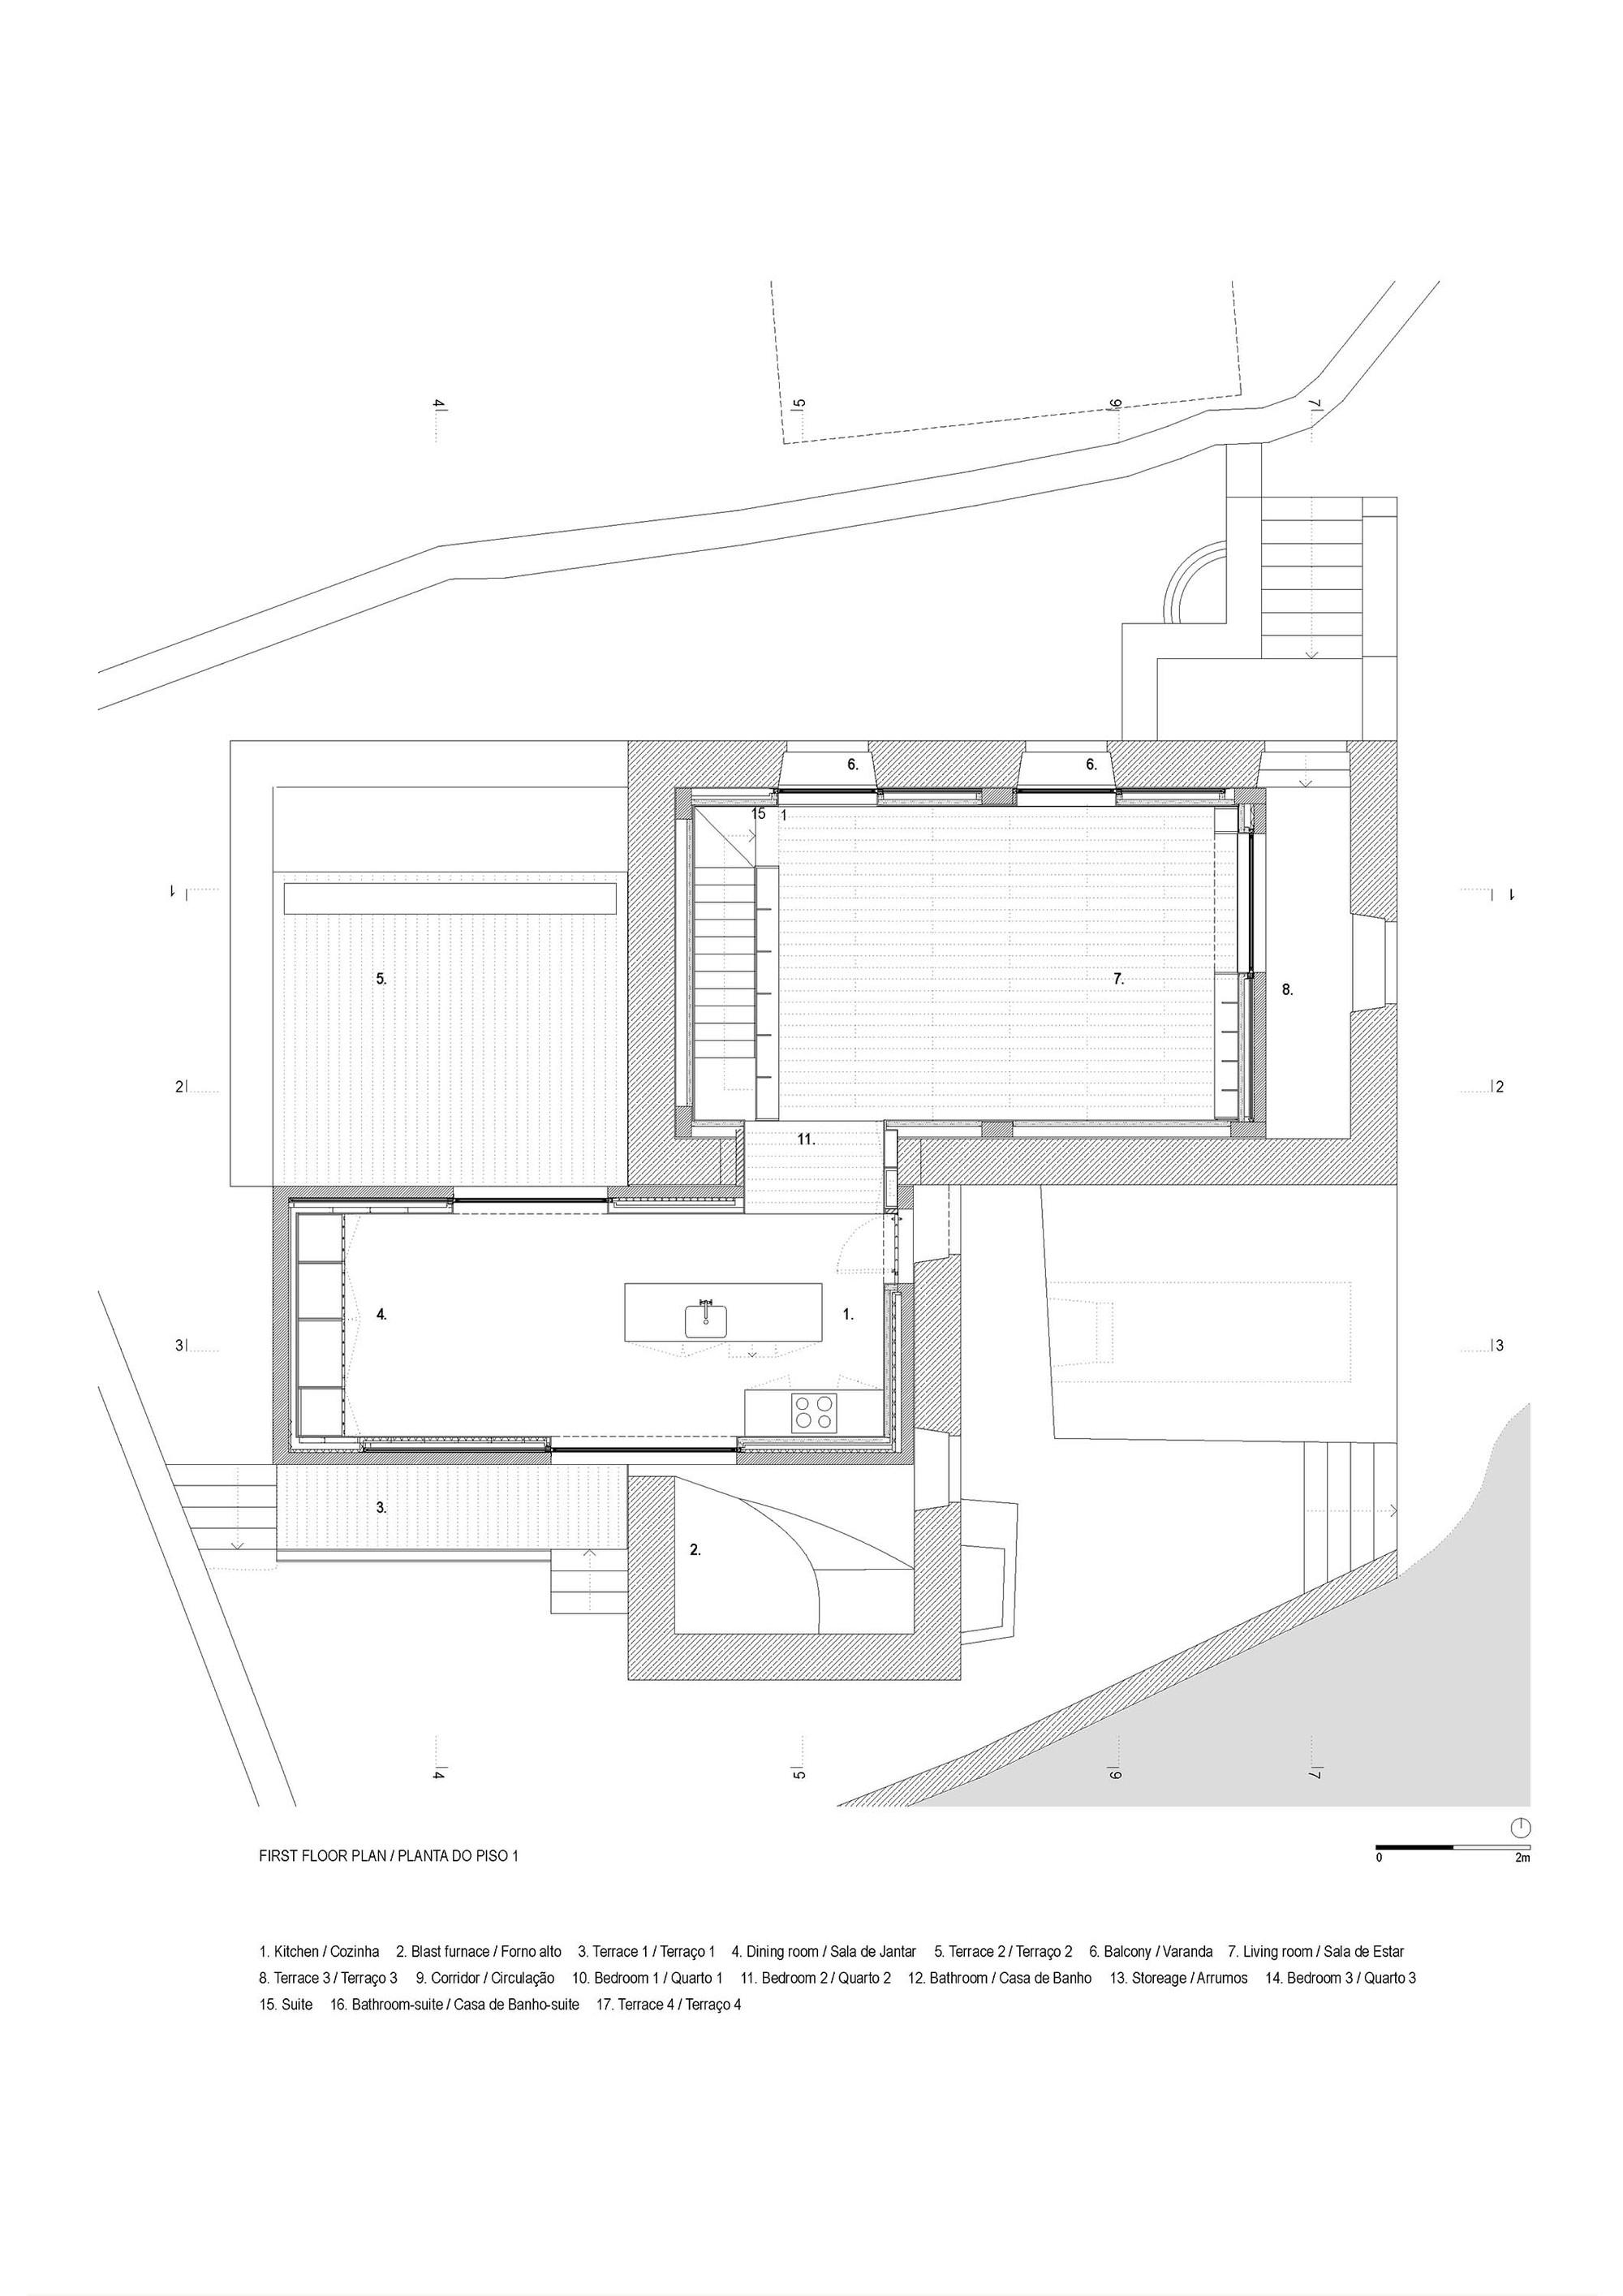 EC-House-just3ds.com-12